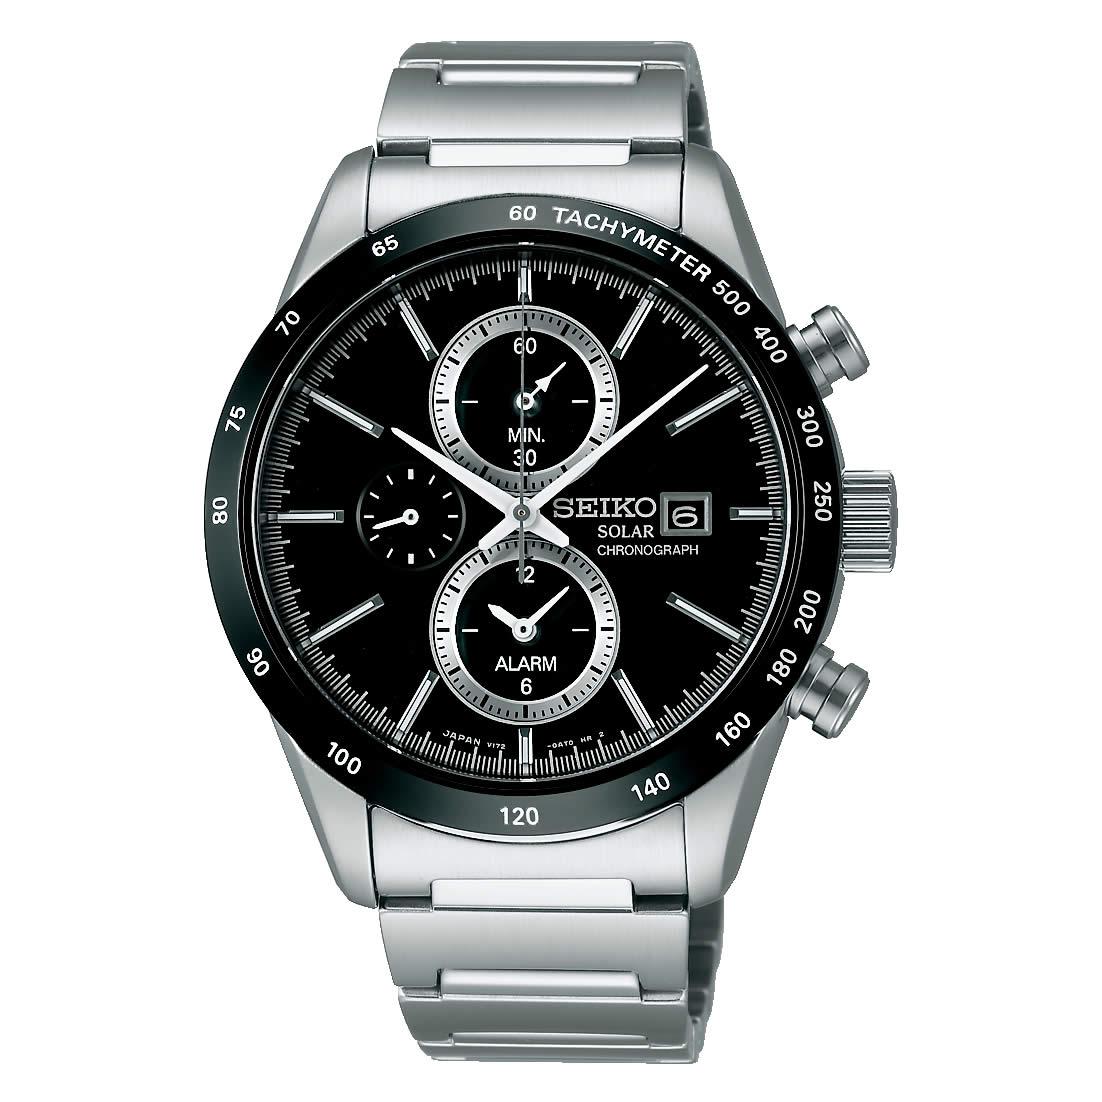 【送料無料】【国内正規品】セイコー スピリット SEIKO SPIRIT 腕時計 ソーラー クロノグラフ メンズ SBPY119 100M 10気圧防水 ビジネス シンプル ソーラー腕時計 きれいめ 人気 うでどけい とけい WATCH 時計【取り寄せ】